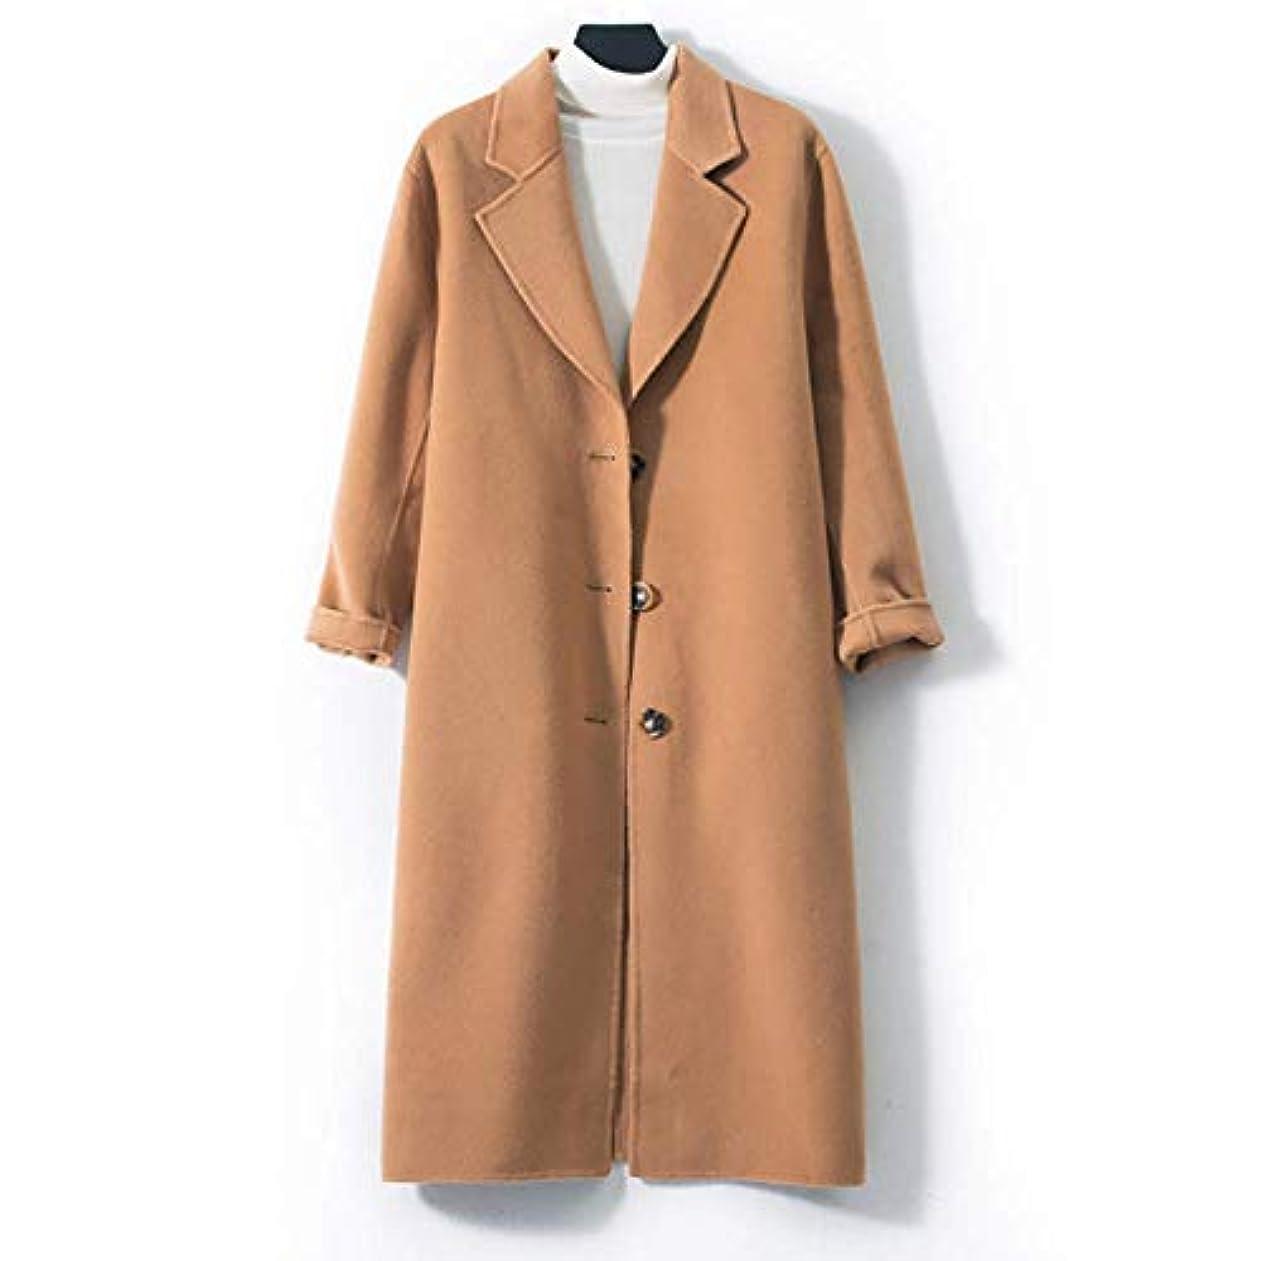 変えるネットテストロングウールコート、両面ウールコートレディース大きいサイズの婦人服レディースジャケットレディースコートレディースウインドブレーカージャケット,ブラウン,S